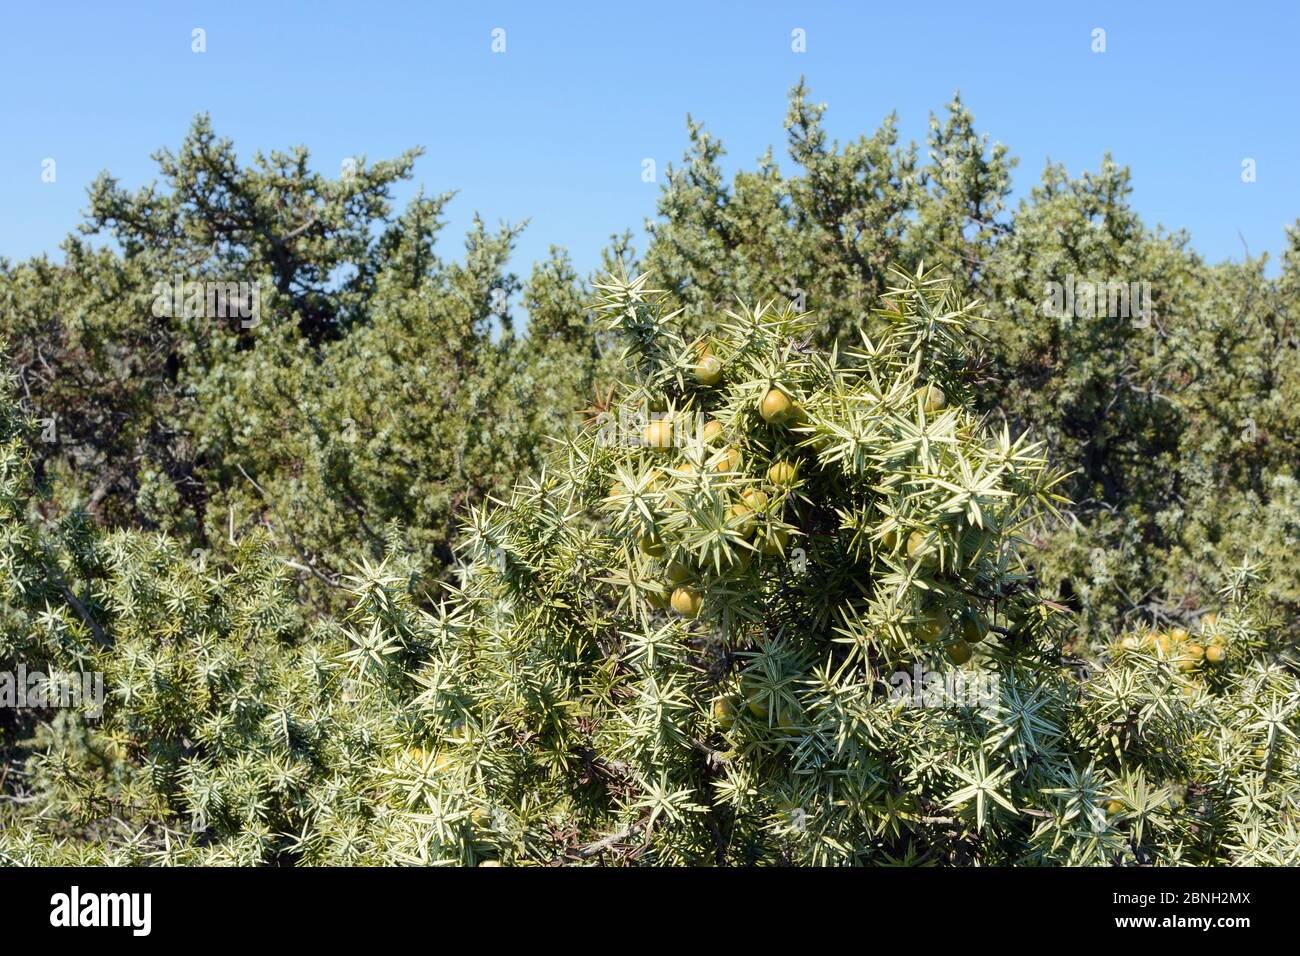 Enebro de grandes frutos (Juniperus macrocarpa), con conos de semillas madurantes en matorrales costeros, Kos, Islas Dodecanesas, Grecia, agosto de 2013. Foto de stock